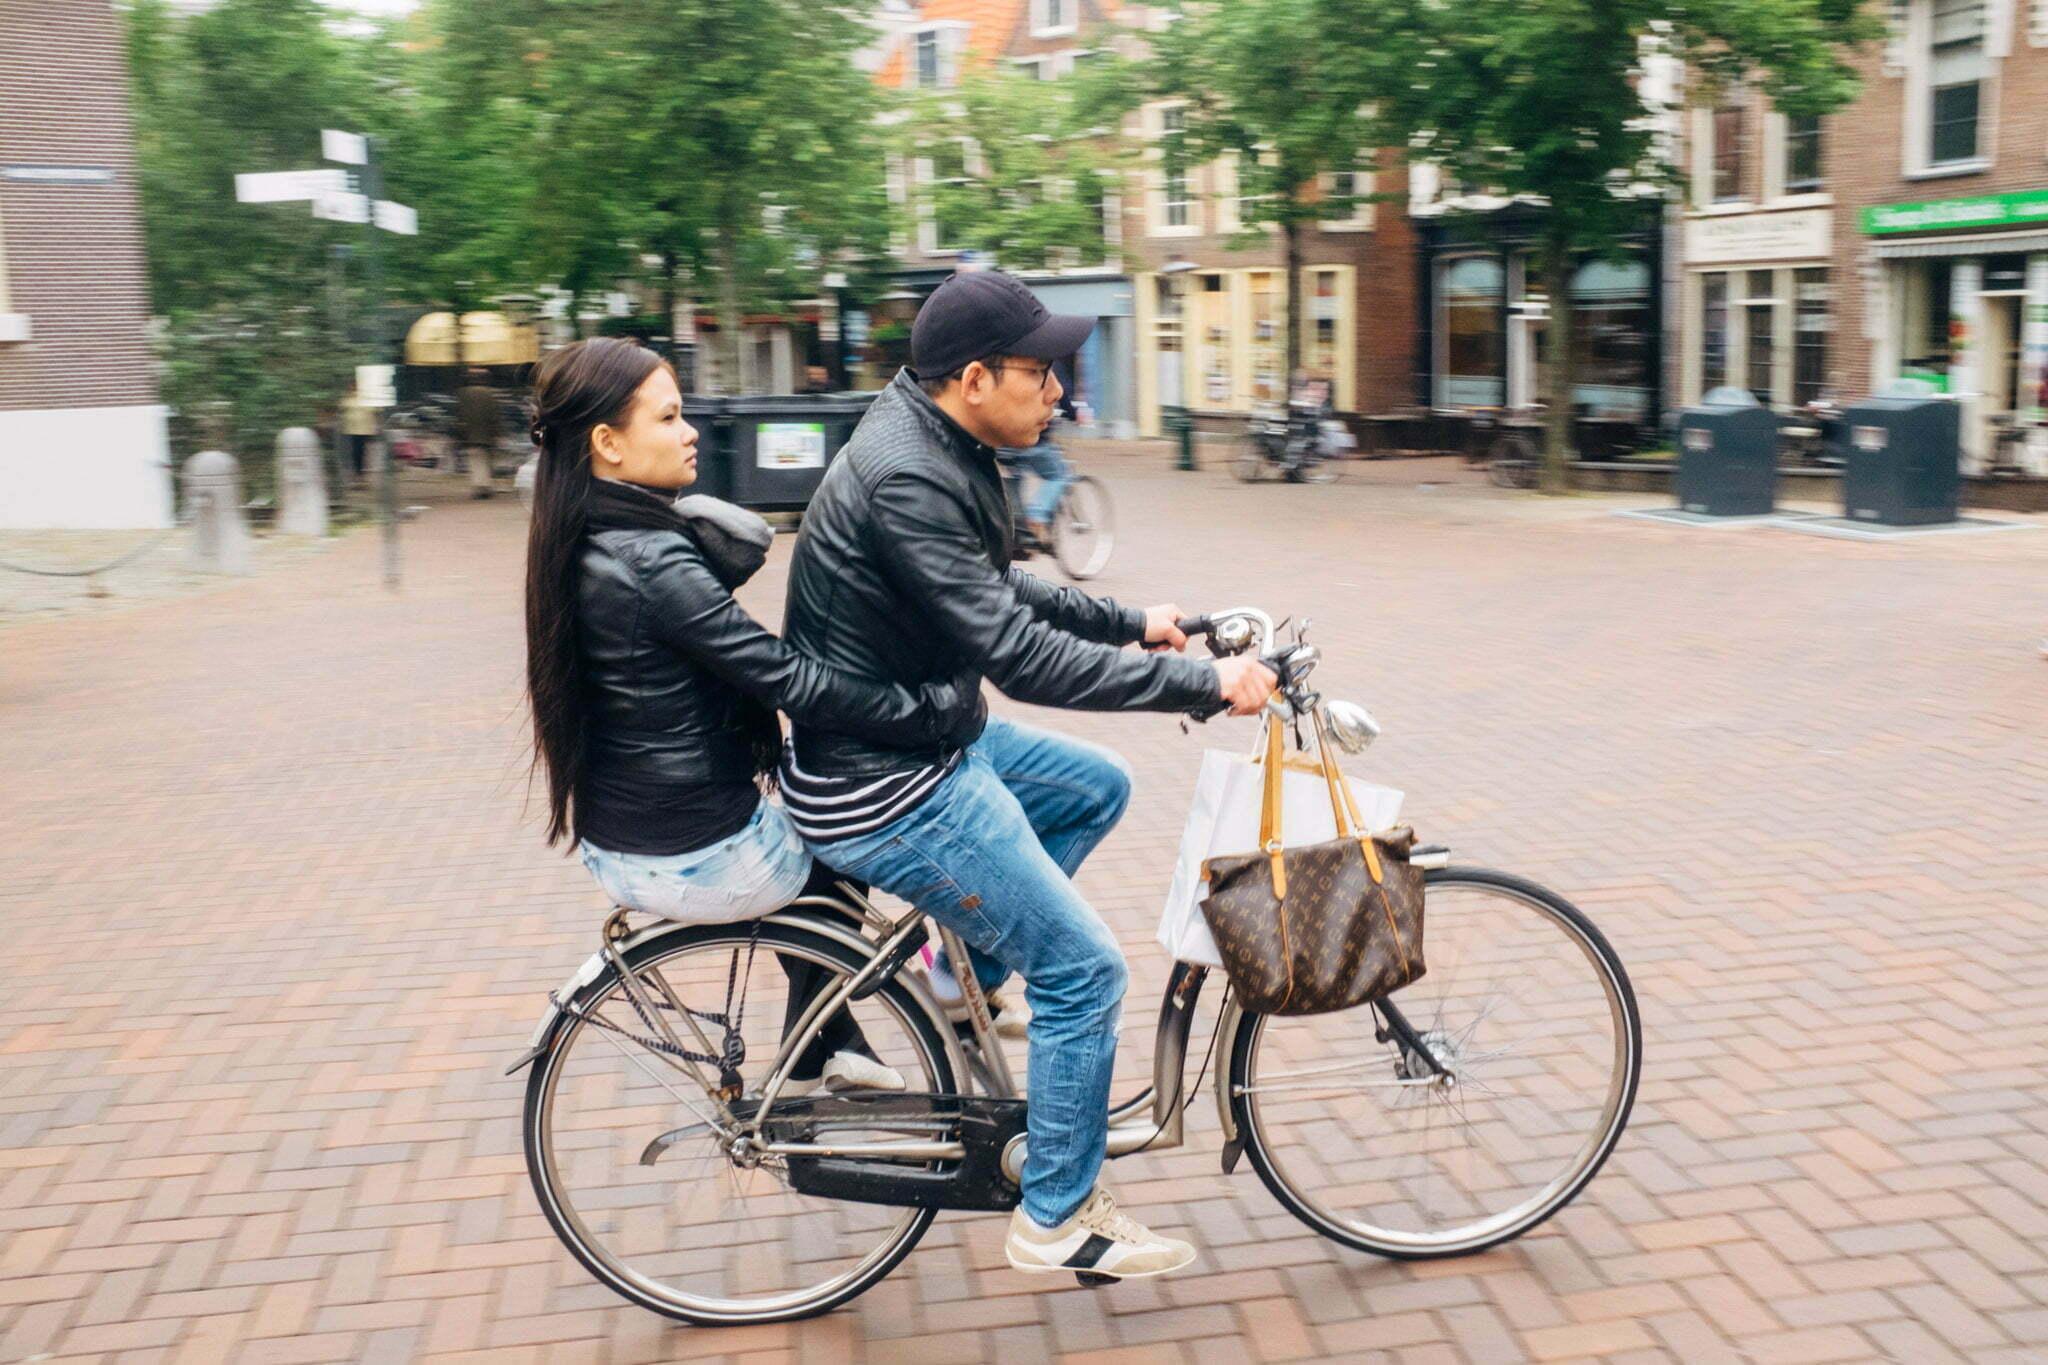 leiden-netherlands-2208-pete-carr